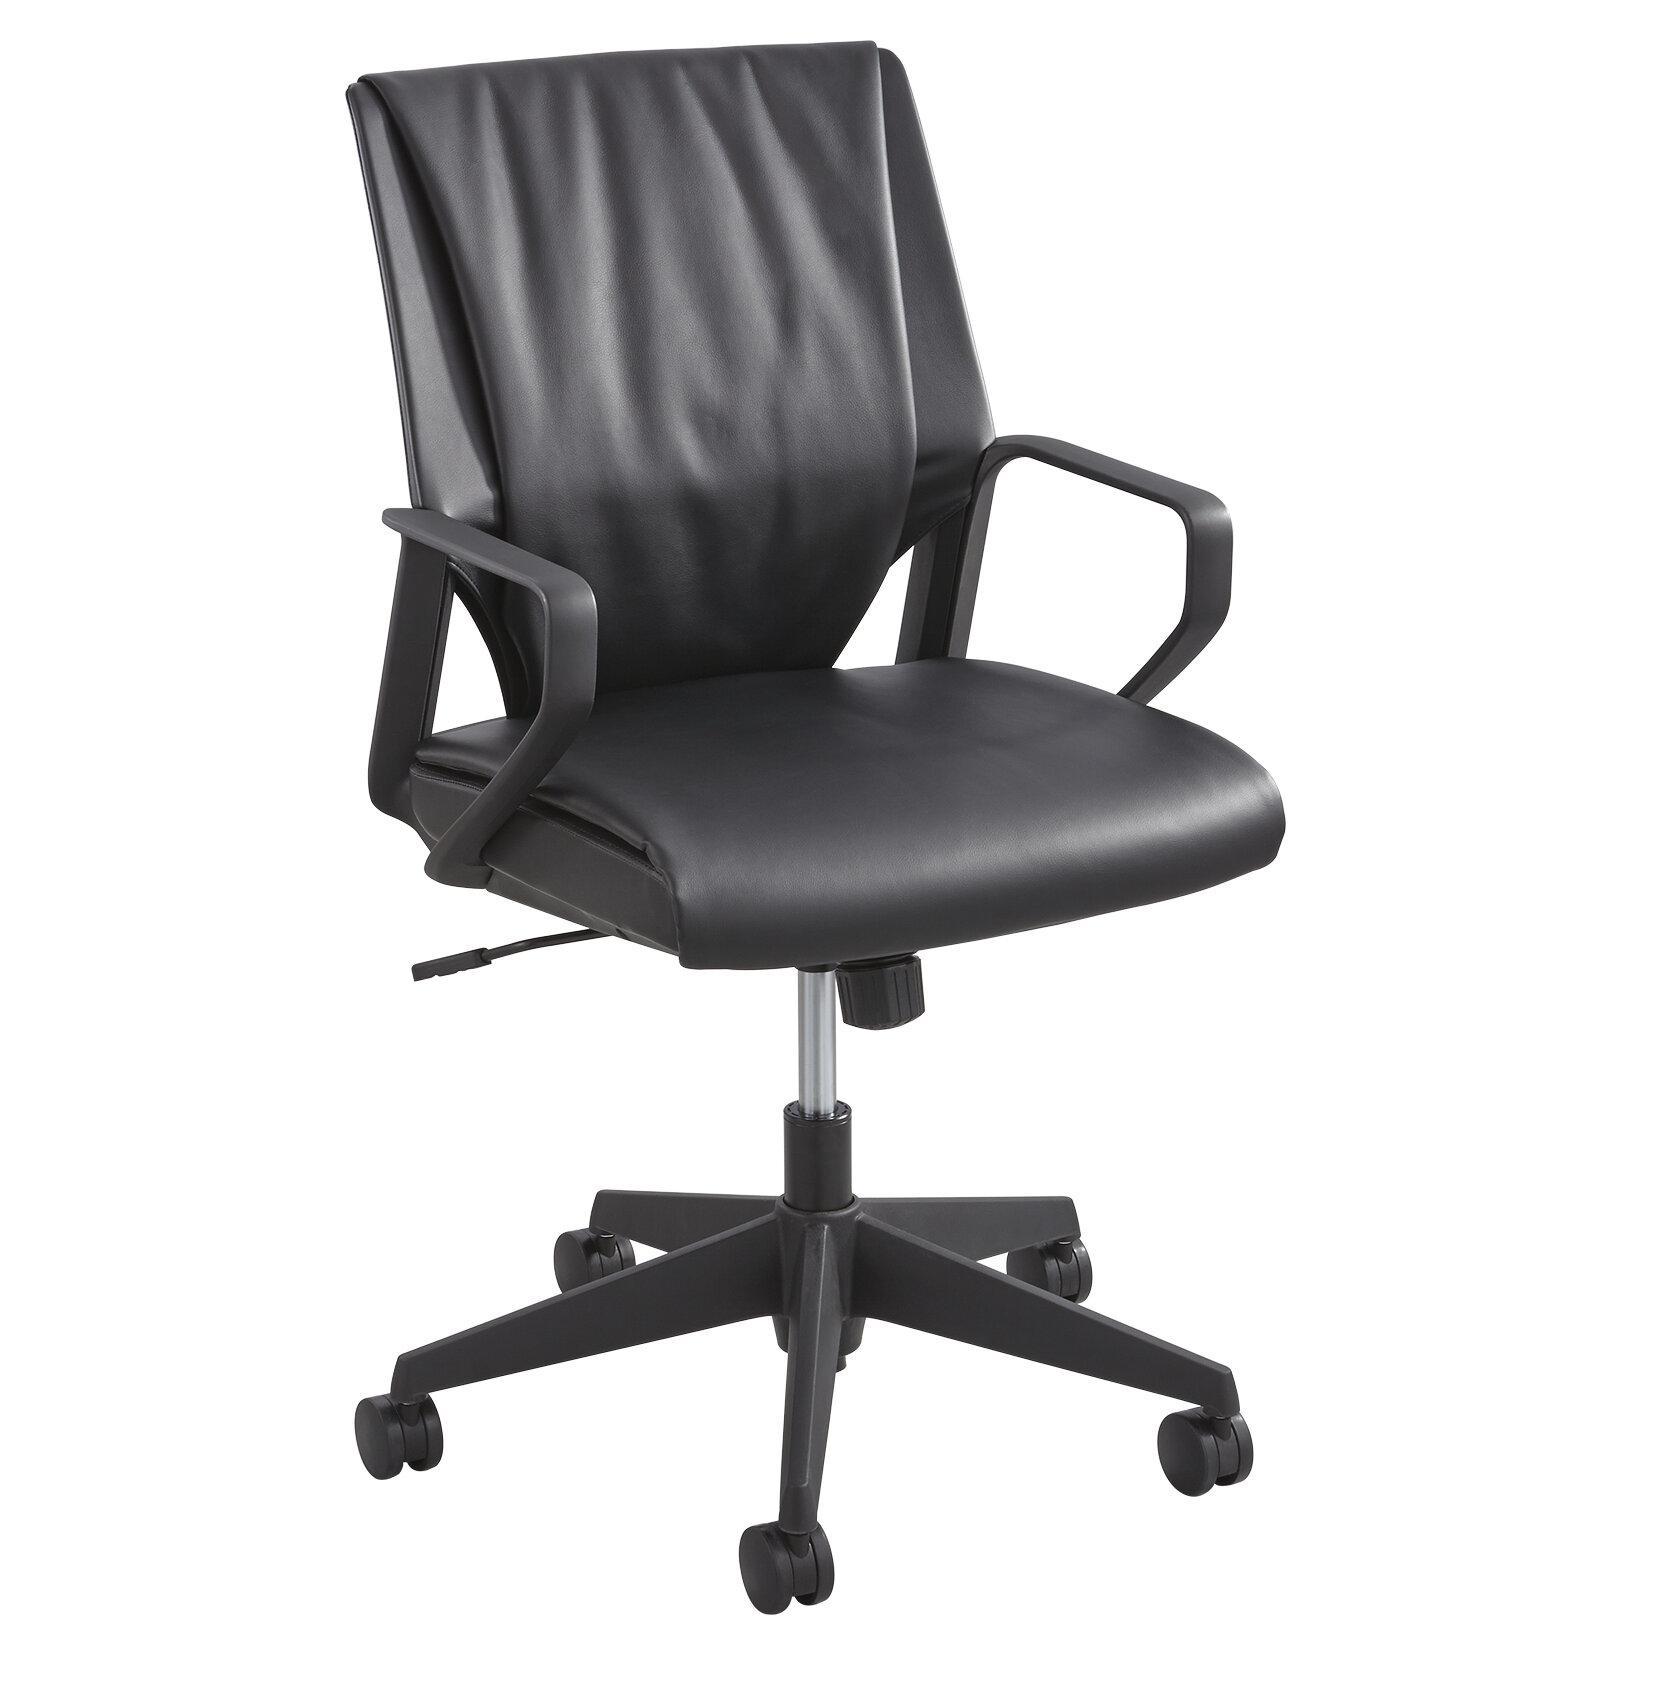 Safco Products Priya Task Chair Wayfair